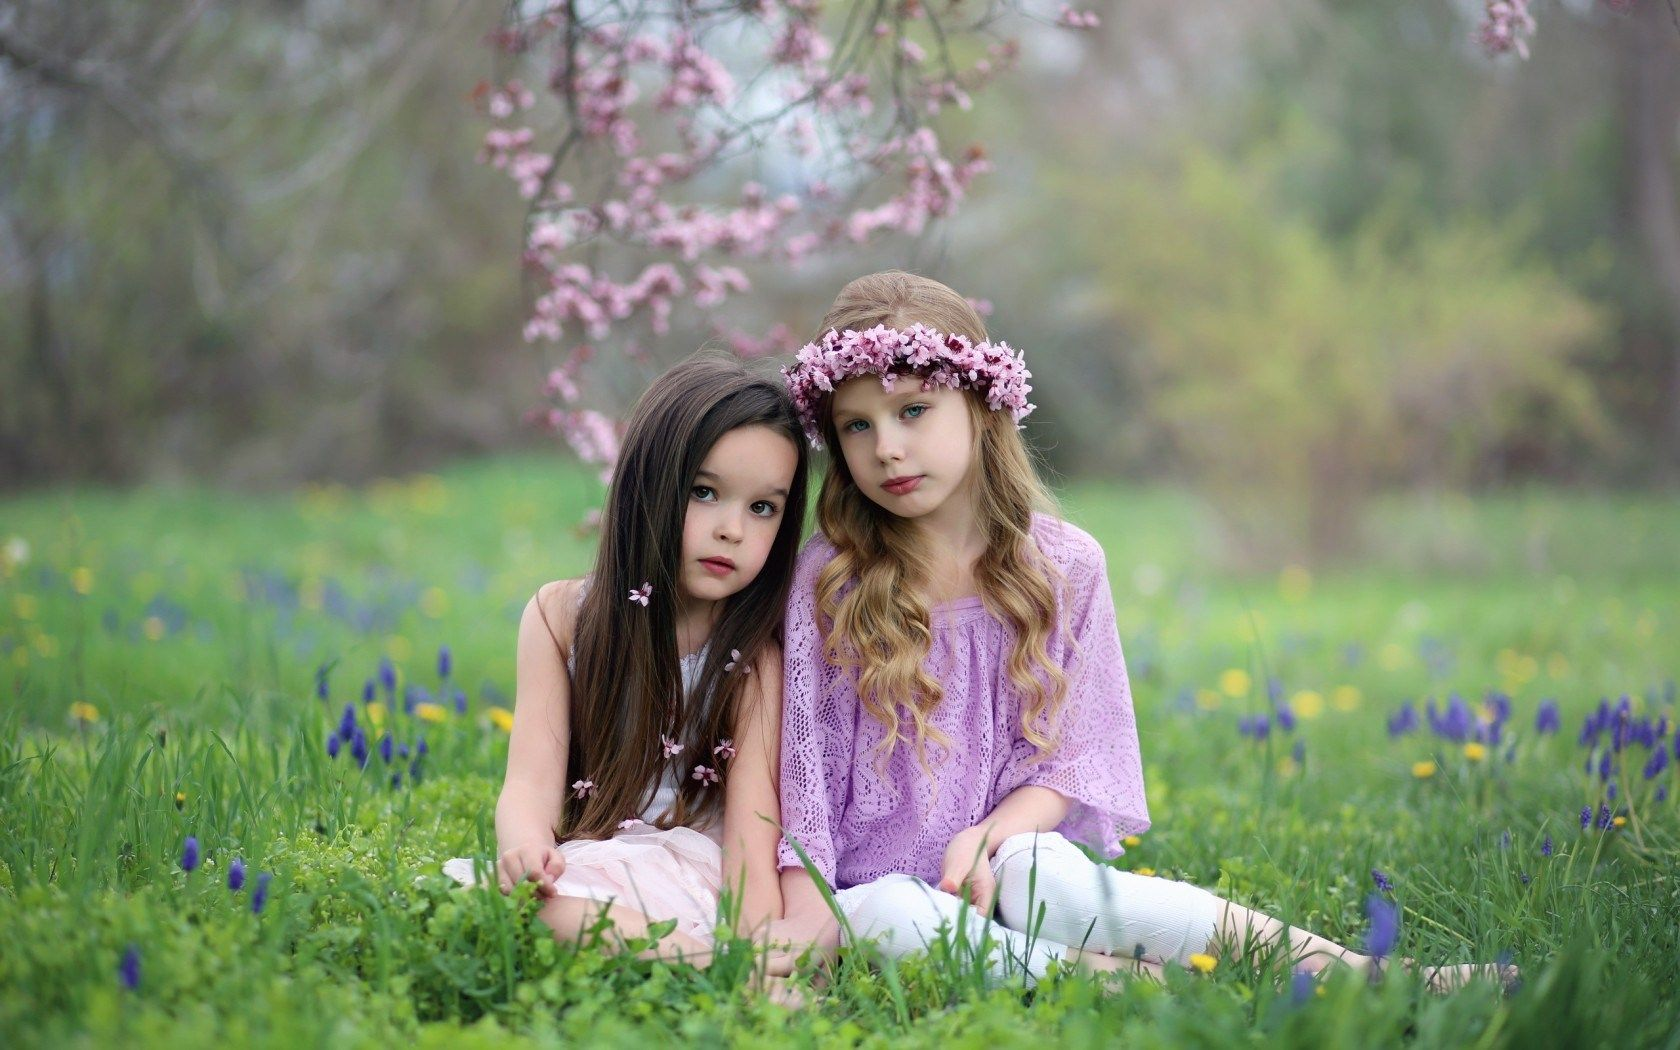 cute, twins, little girls, spring, photo, grass, nature